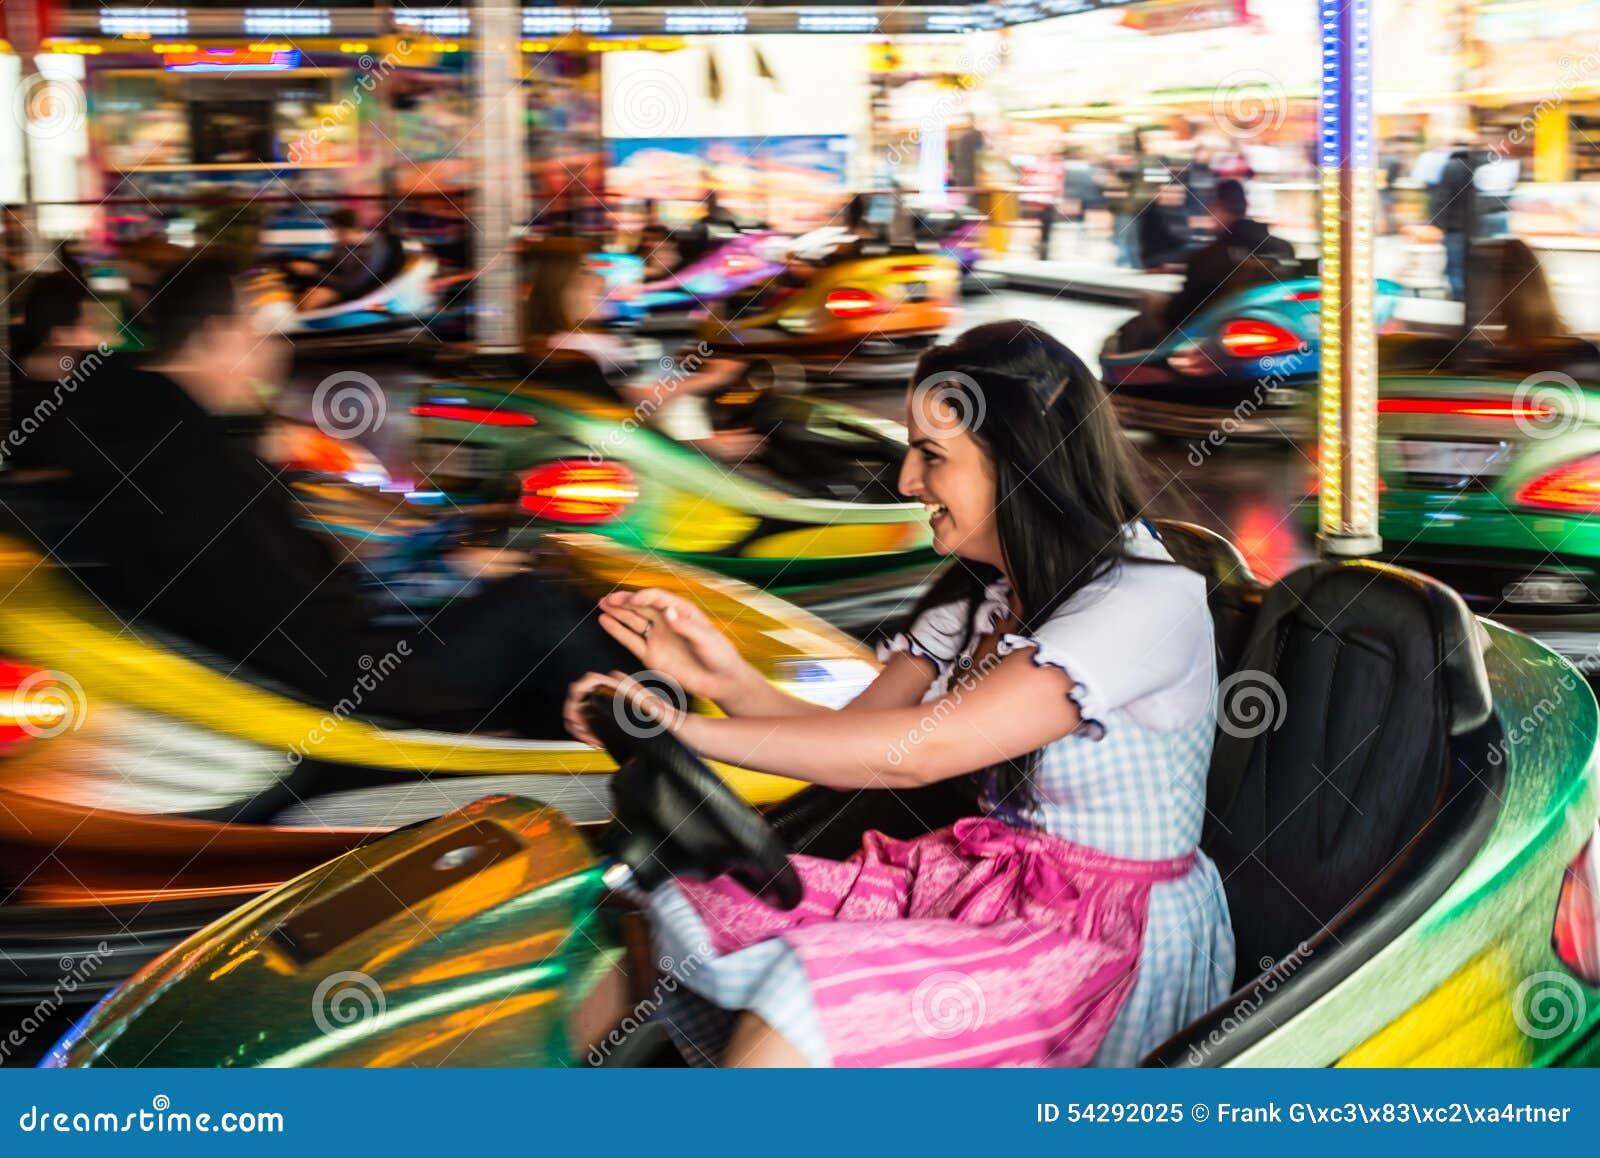 Piękna dziewczyna w elektrycznym rekordowym samochodzie przy